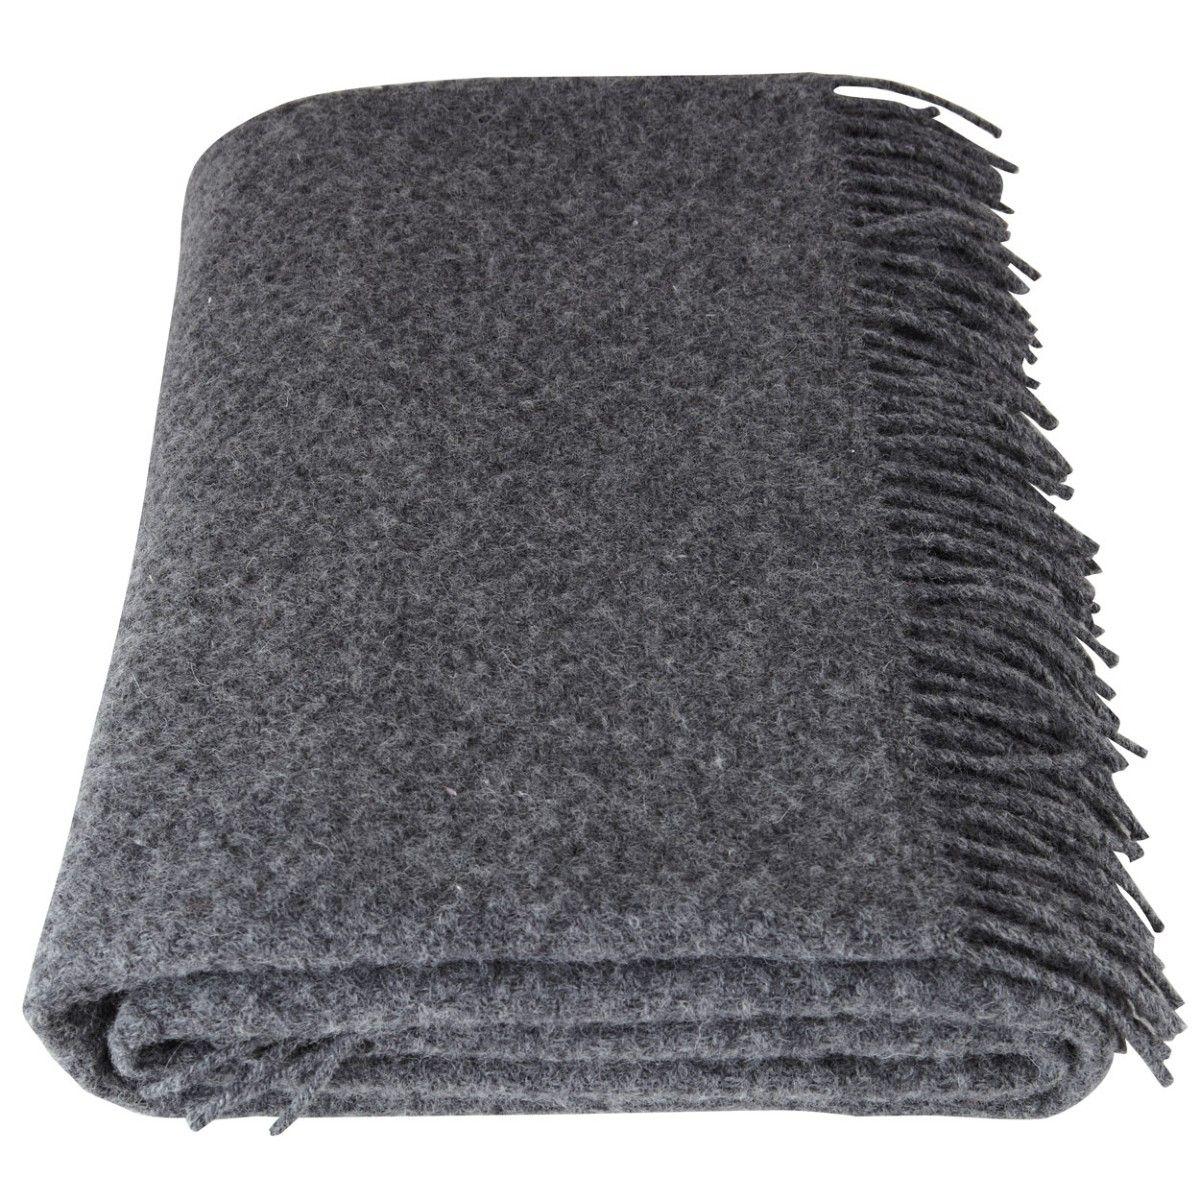 Woollen Charcoal Blanket Woollen Blankets Luxury Blanket Blanket